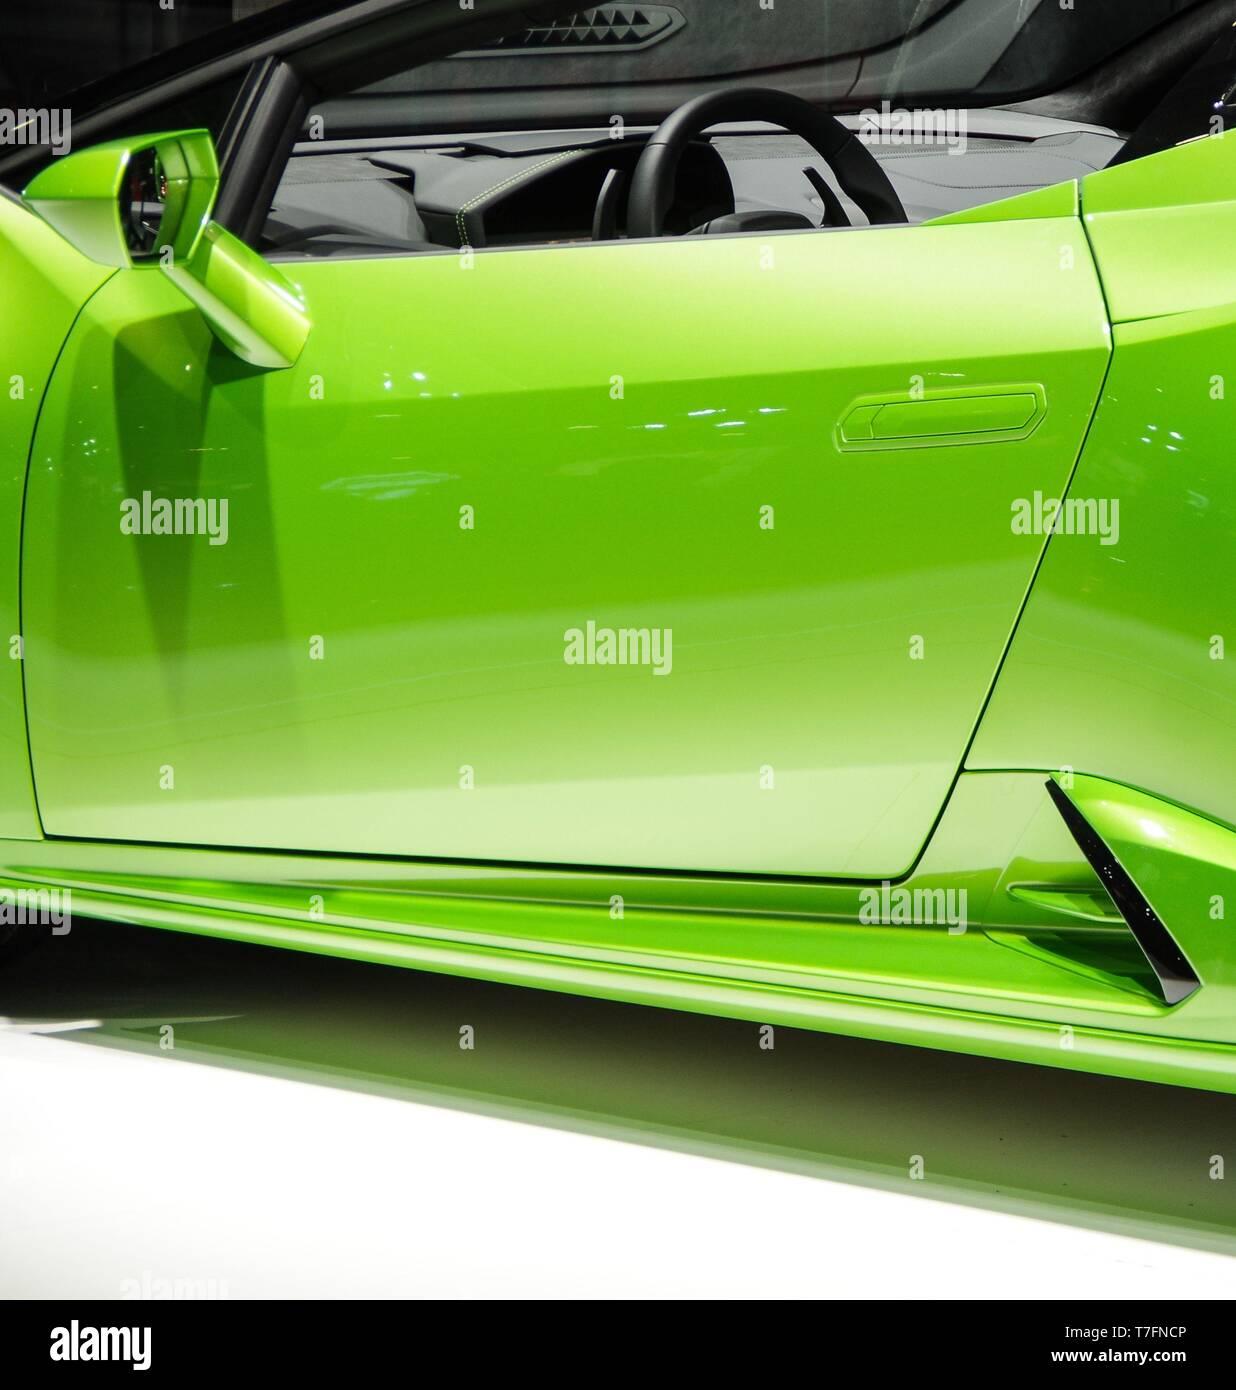 Lamborghini Rear View Stock Photos & Lamborghini Rear View